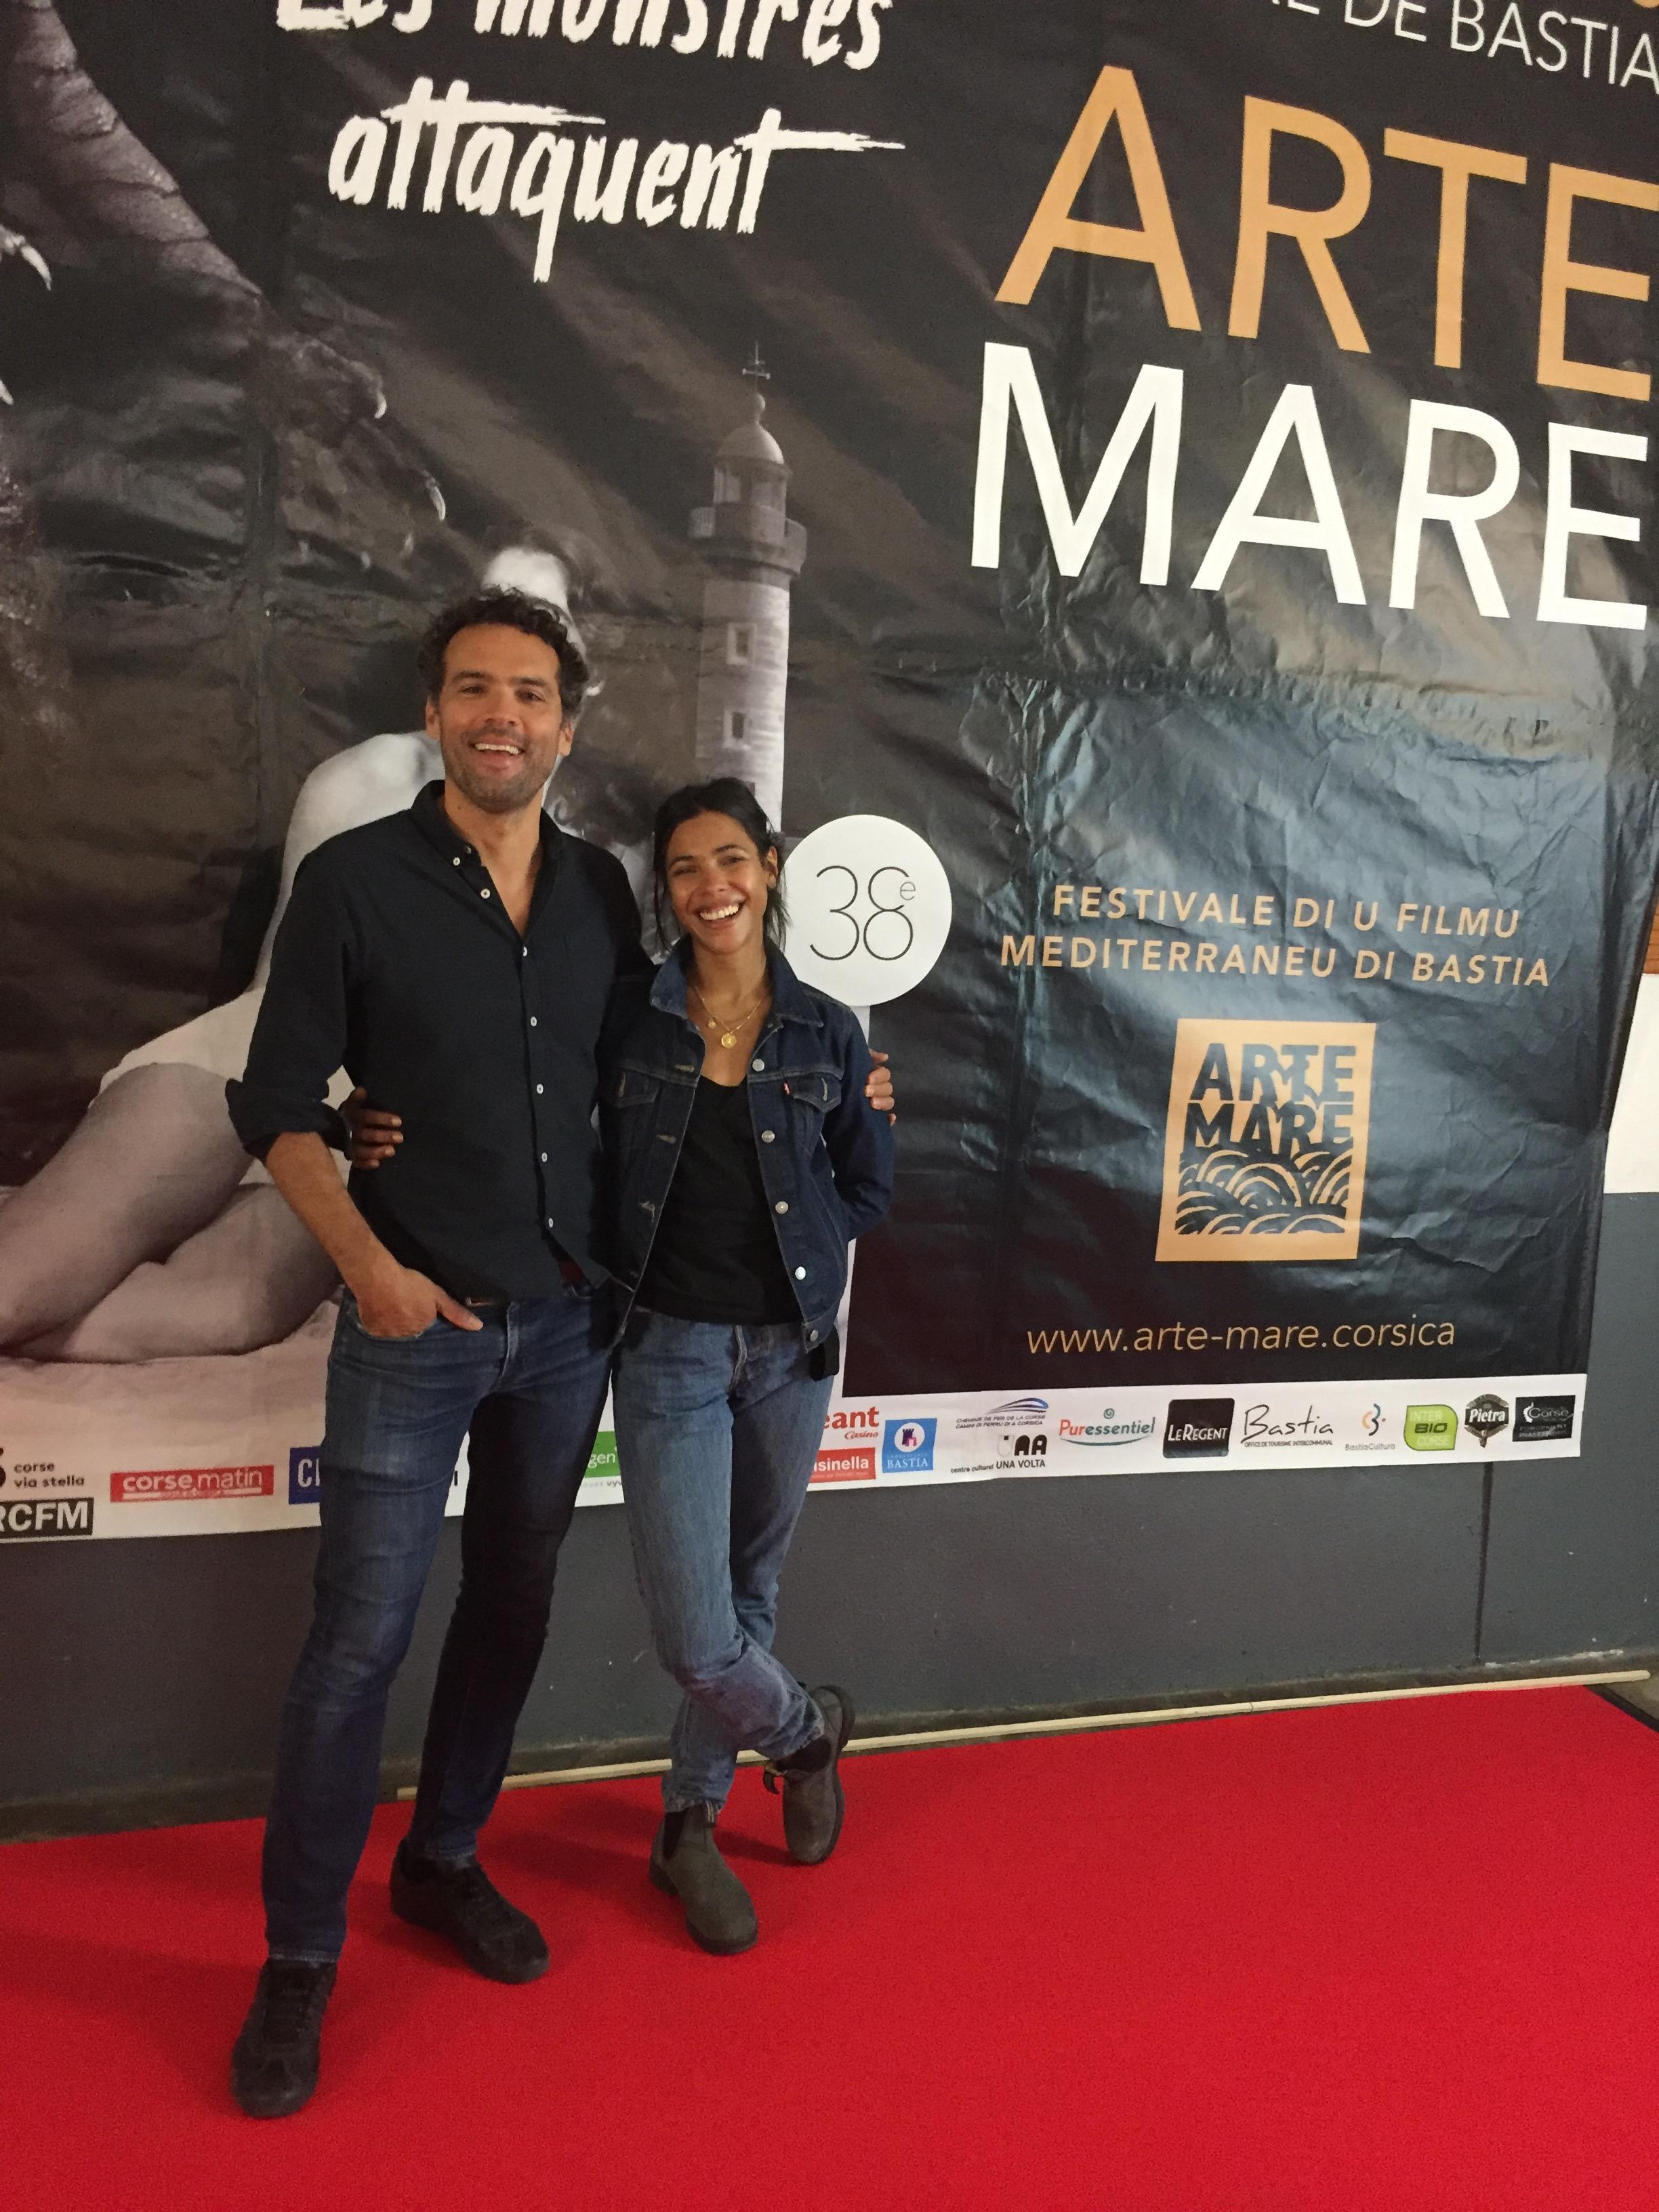 Le réalisateur Farid Bentoumi et l'actrice Zita Hanrot